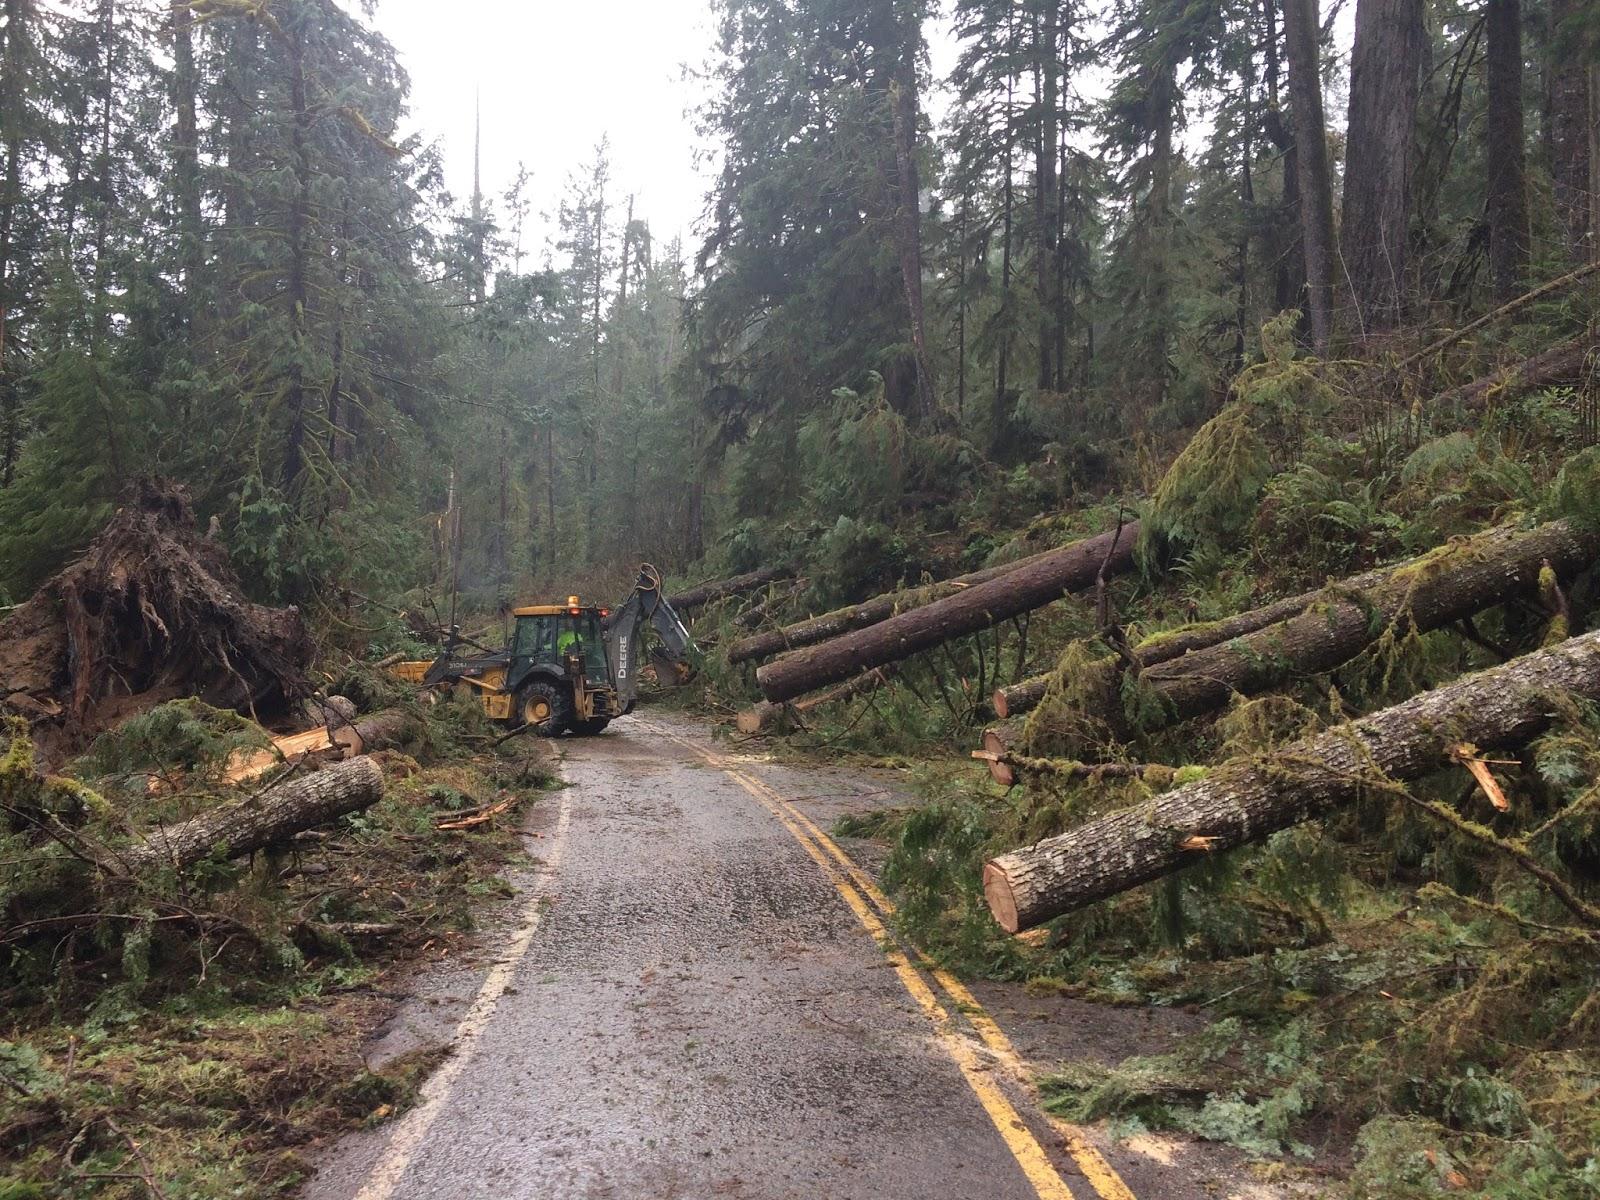 Что переломало 100 вековых деревьев в лесу американского штата Вашингтон? (15 фото)